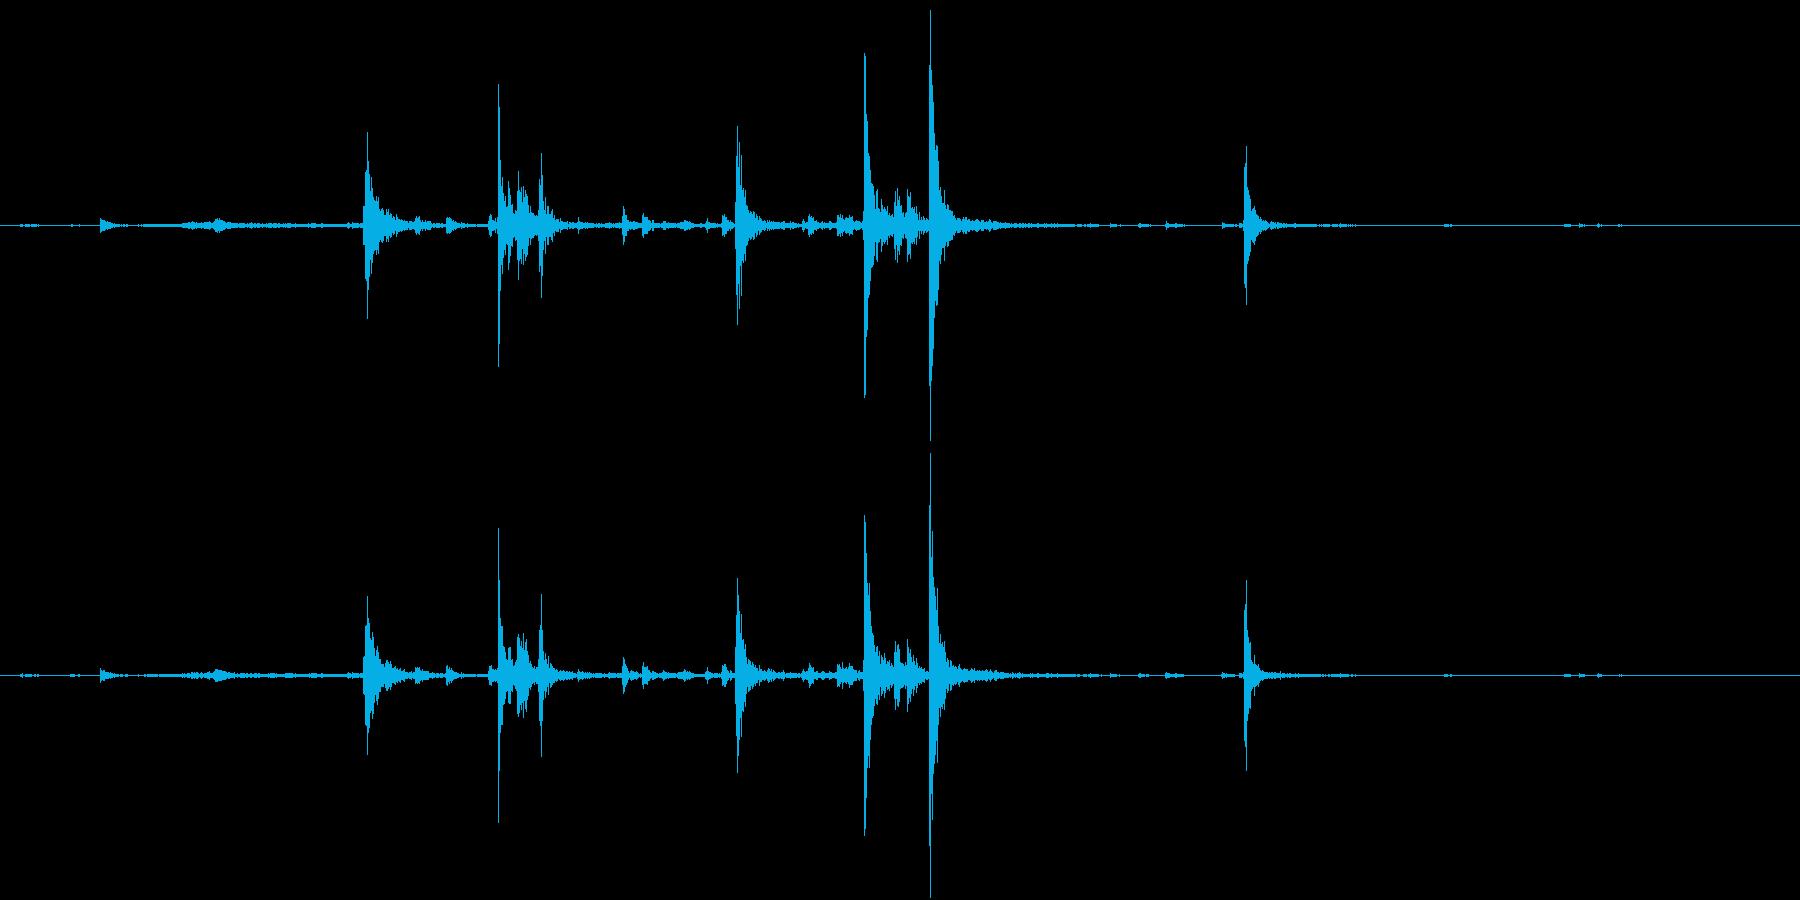 【生録音】弁当・惣菜パックの音 2の再生済みの波形